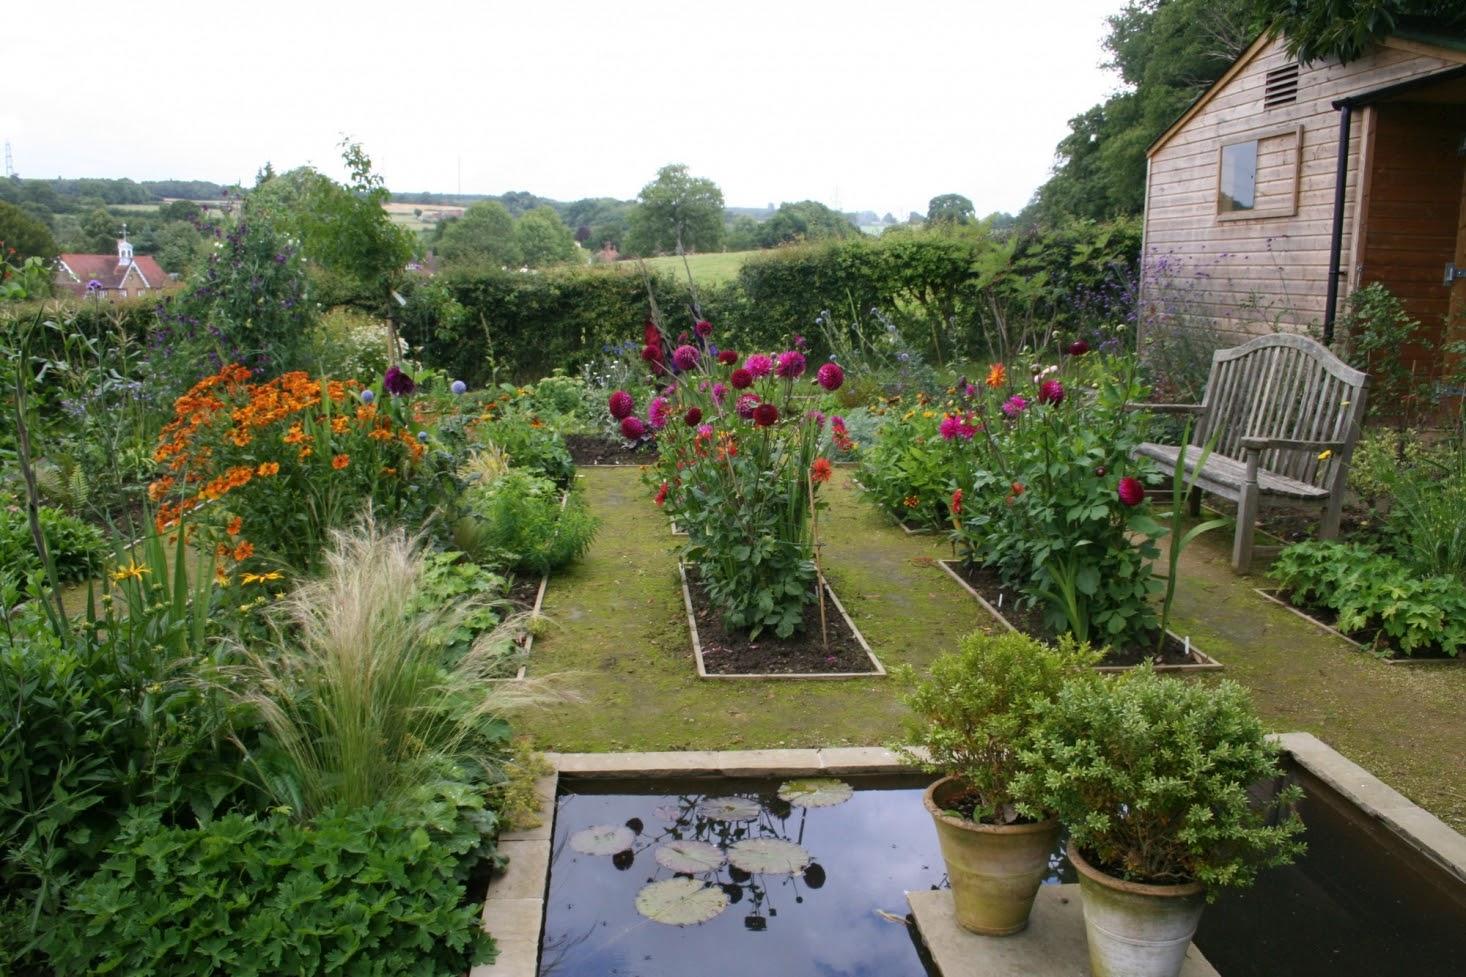 Kitchen Garden Tips: For a Productive Vegetable Garden